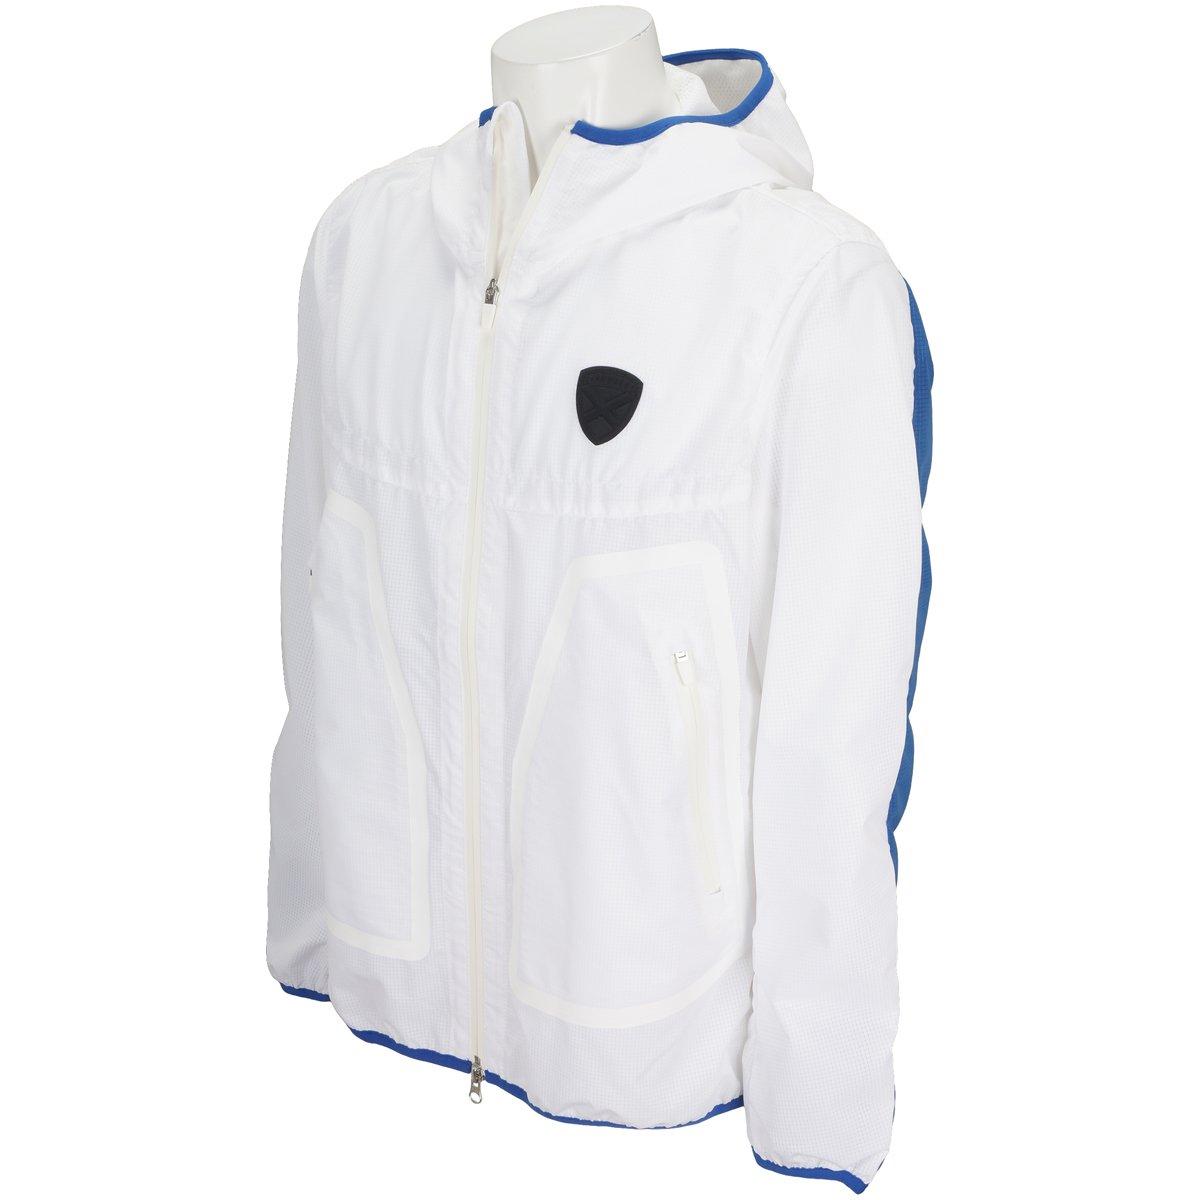 セントアンドリュース St ANDREWS アウター(ブルゾン、ウインド、ジャケット) COOL DOTSブルゾン B079ZSRSYL LL ホワイト 030 ホワイト 030 LL